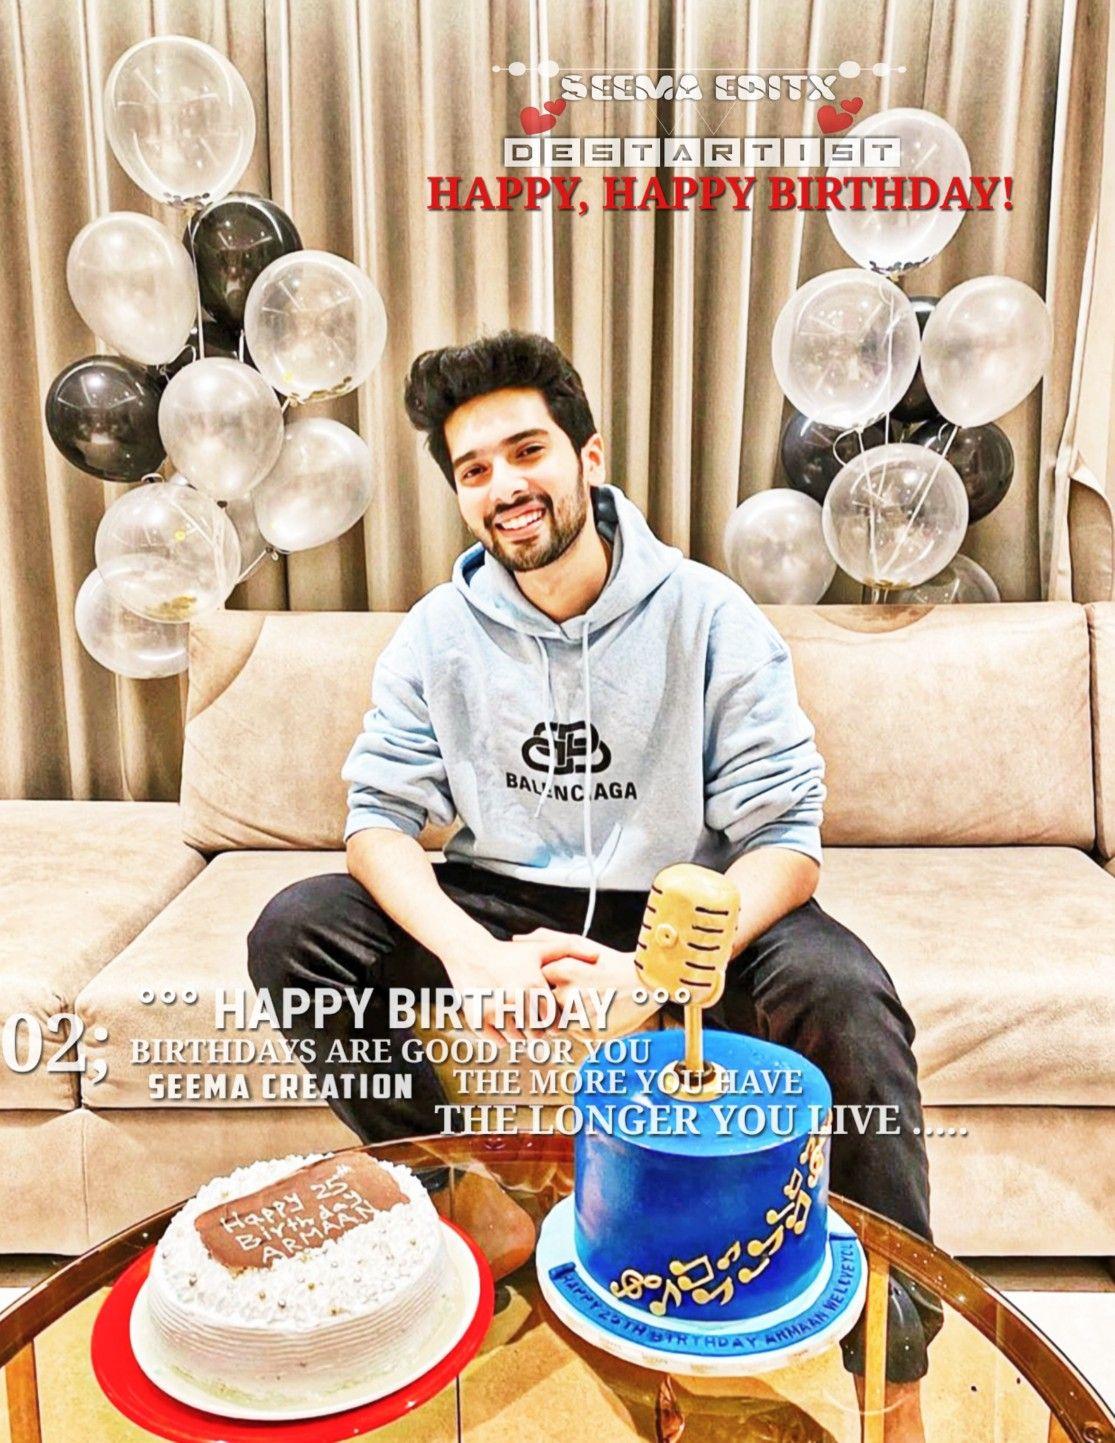 36 Birthday Boy Dp Ideas In 2021 Boy Birthday Birthday Boy Dp